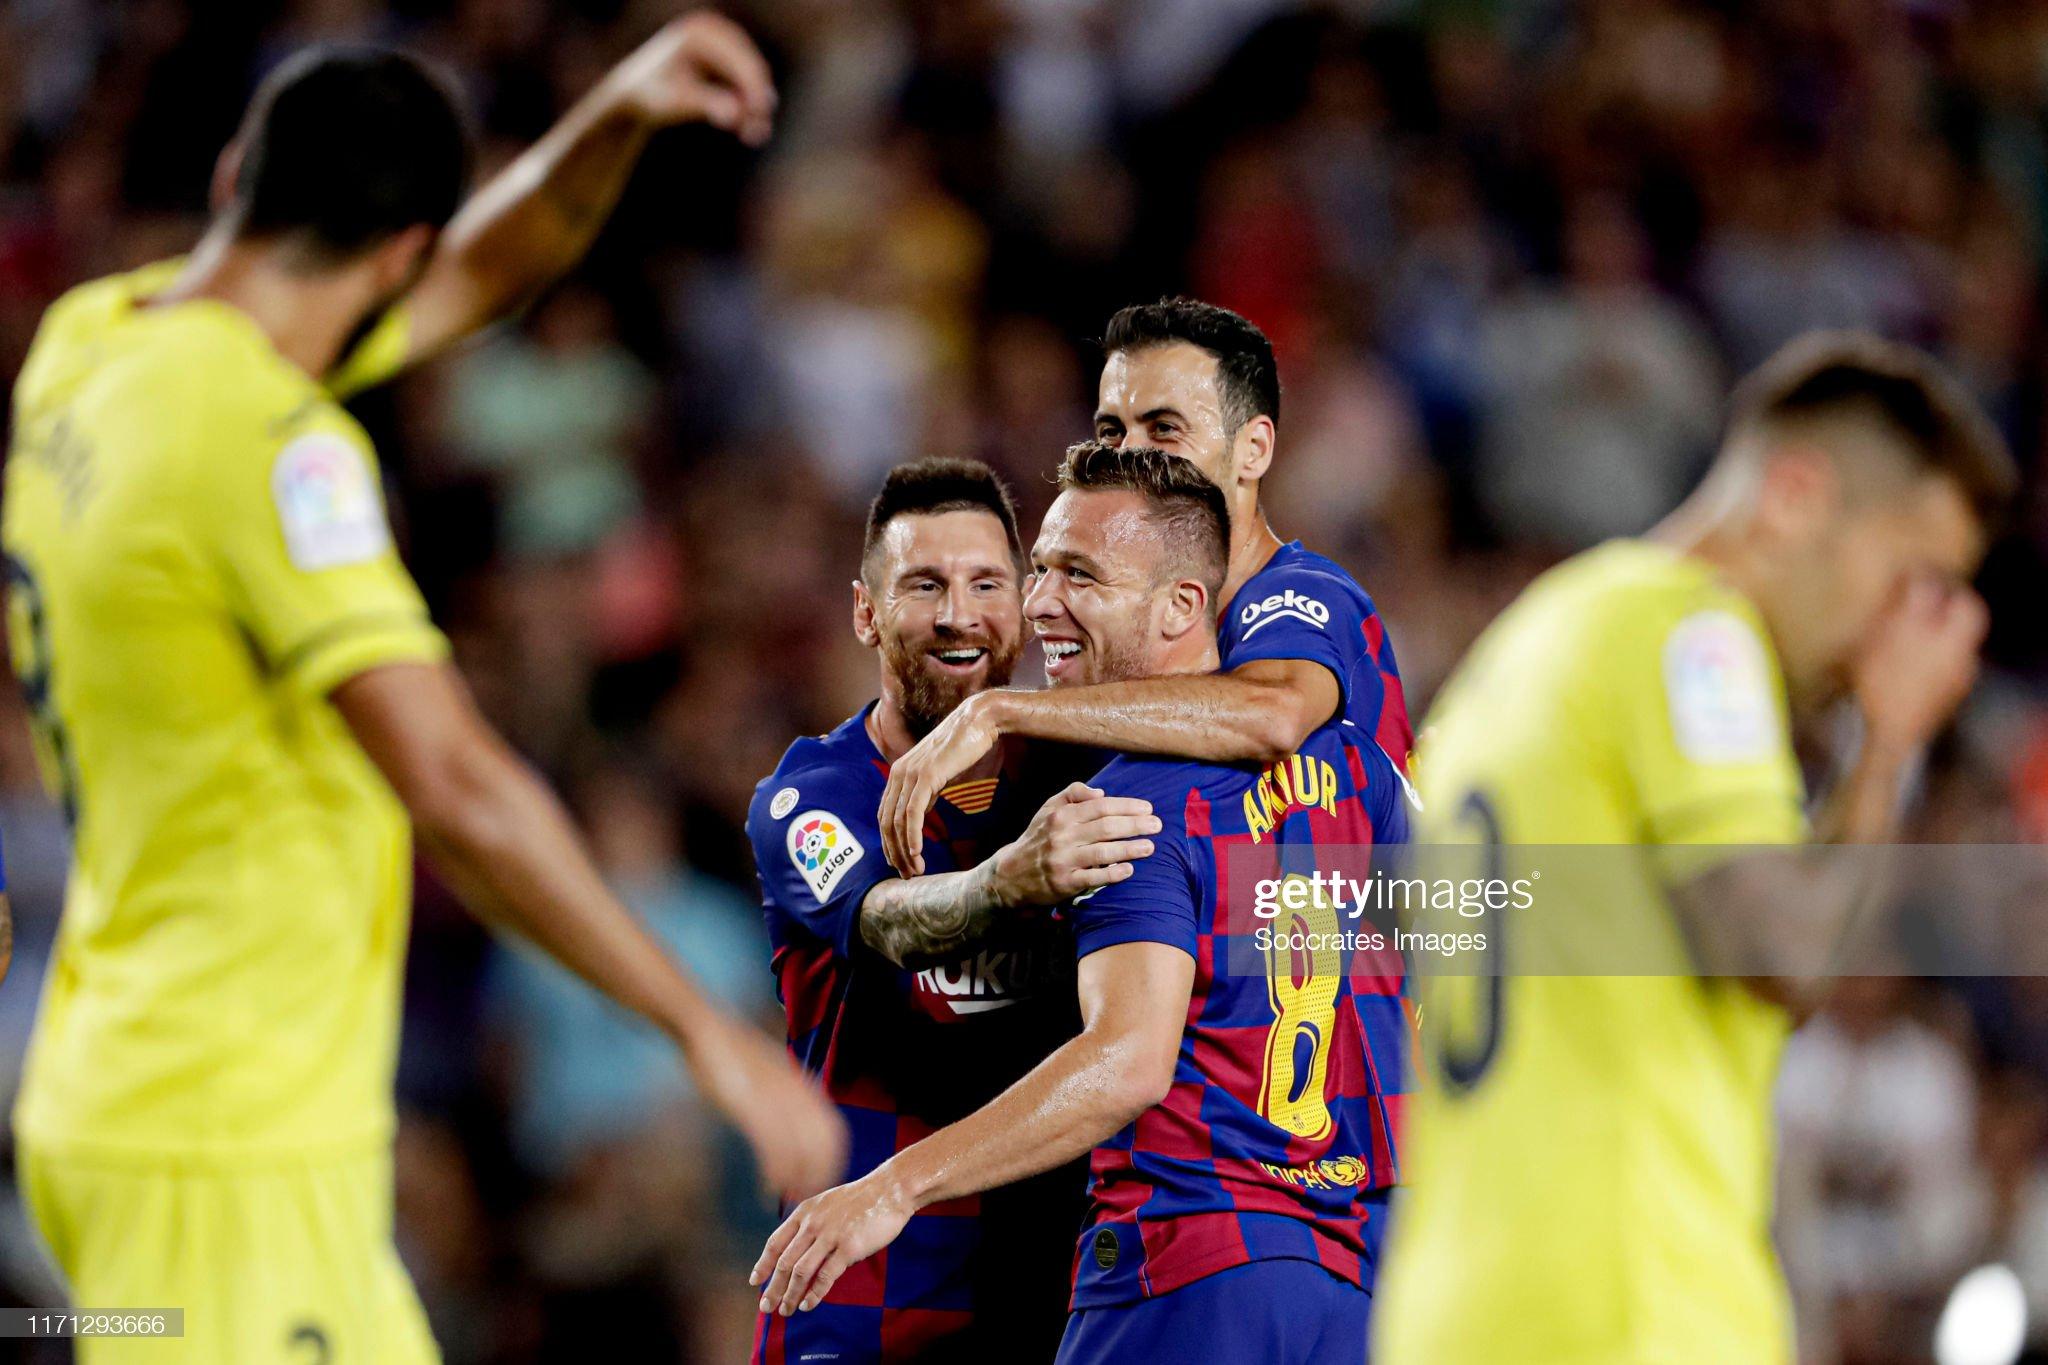 صور مباراة : برشلونة - فياريال 2-1 ( 24-09-2019 )  Arthur-of-fc-barcelona-celebrates-20-with-lionel-messi-of-fc-sergio-picture-id1171293666?s=2048x2048